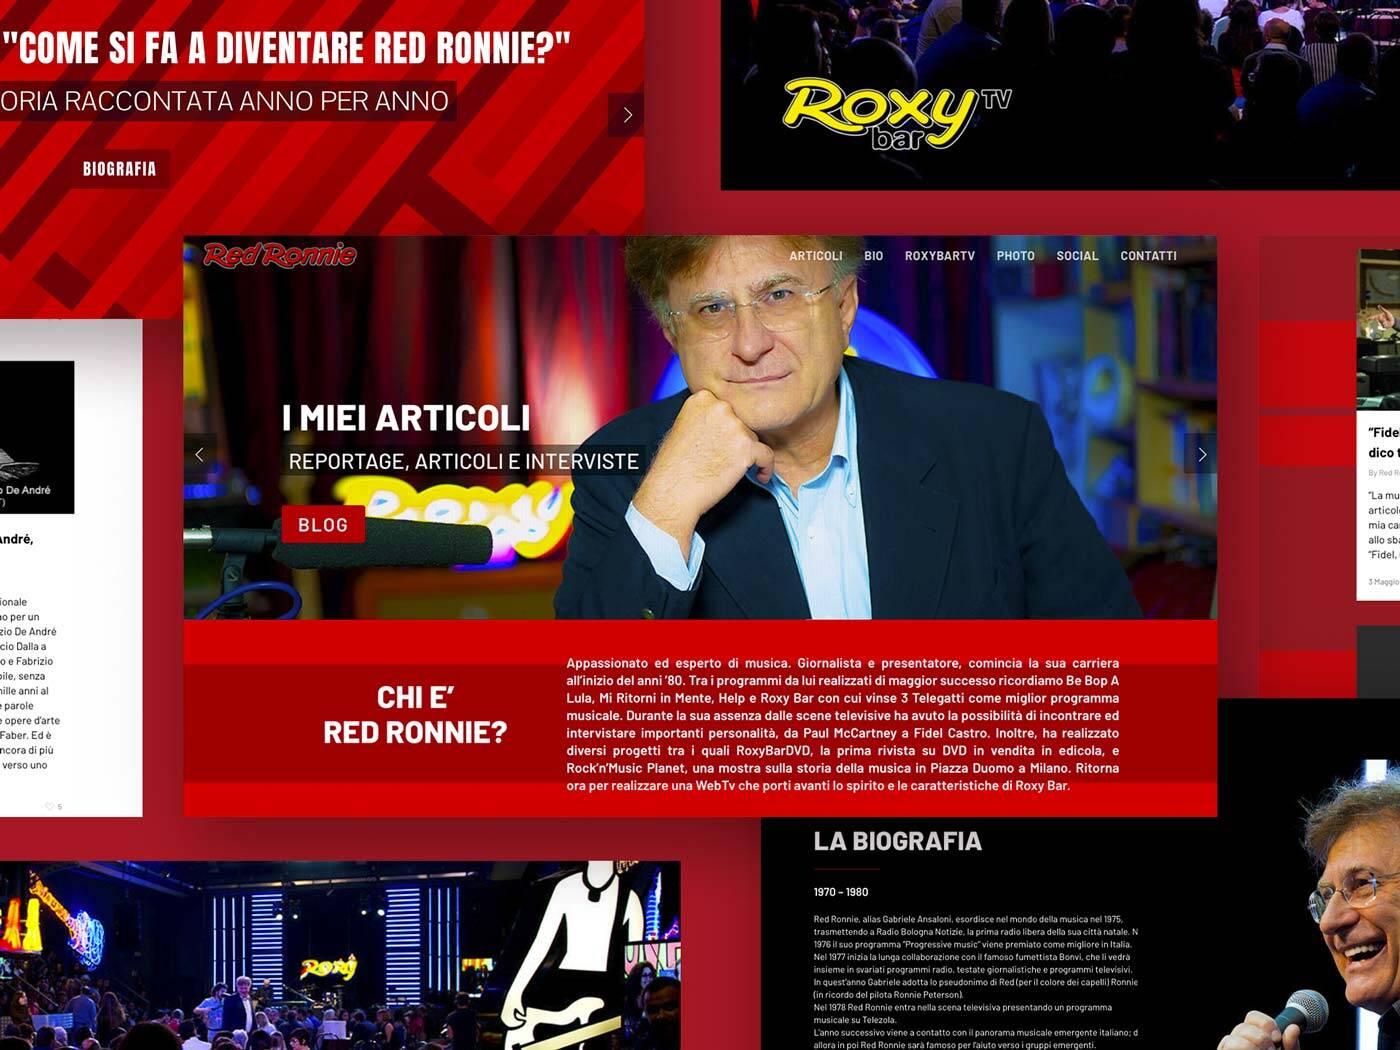 innobrain-web-design-graphic-portfolio-red-ronnie-img-1